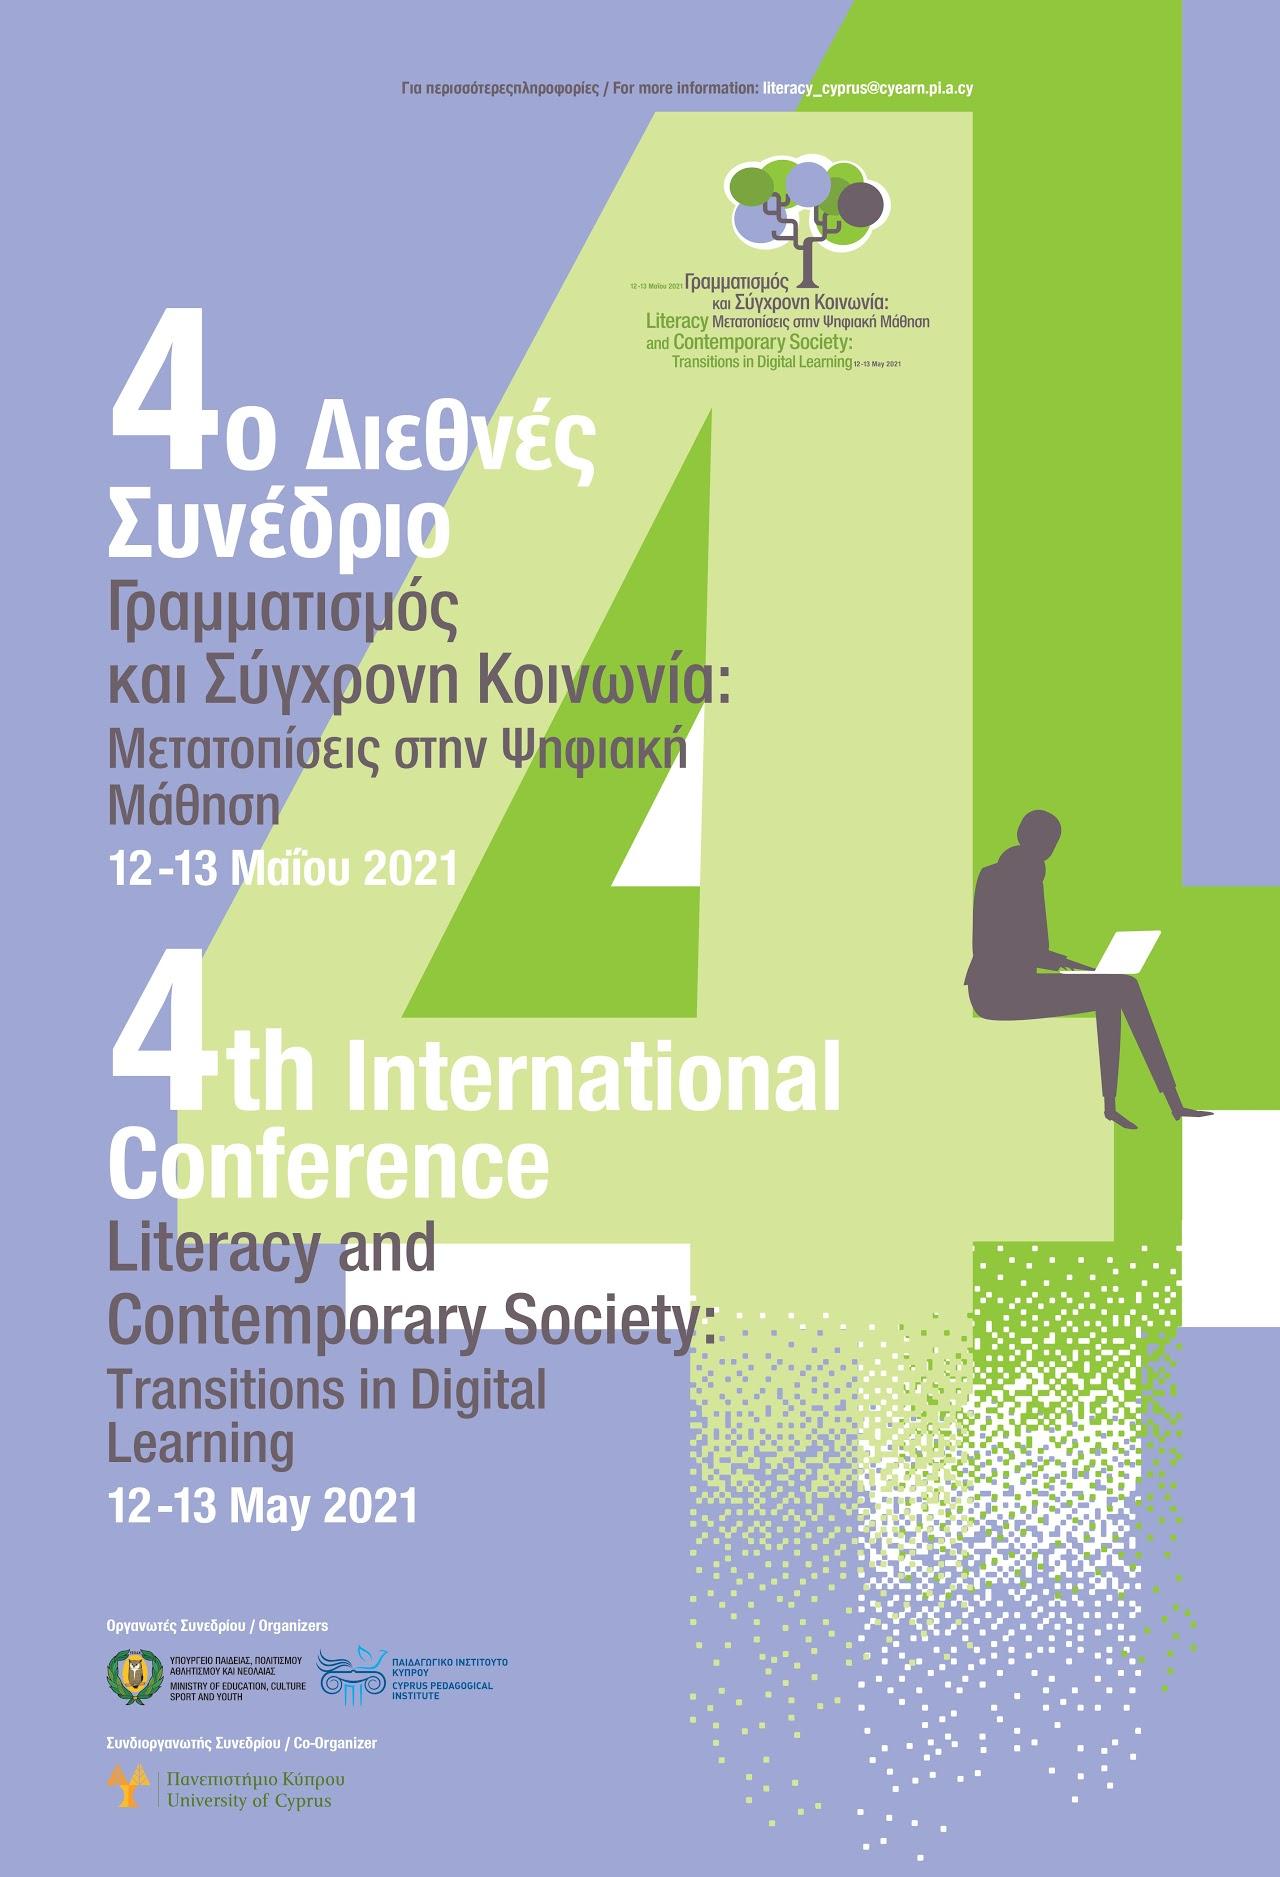 4ο Διεθνές Συνέδριο: «Γραμματισμός και Σύγχρονη Κοινωνία: Μετατοπίσεις στην Ψηφιακή Μάθηση»